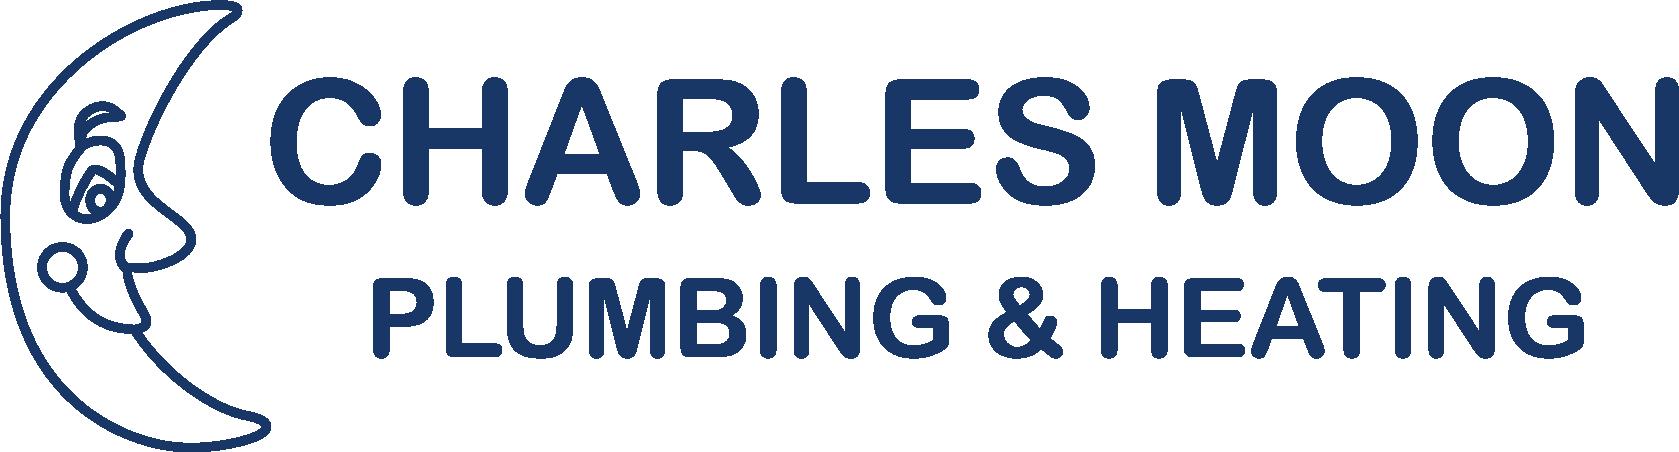 Charles Moon Plumbing